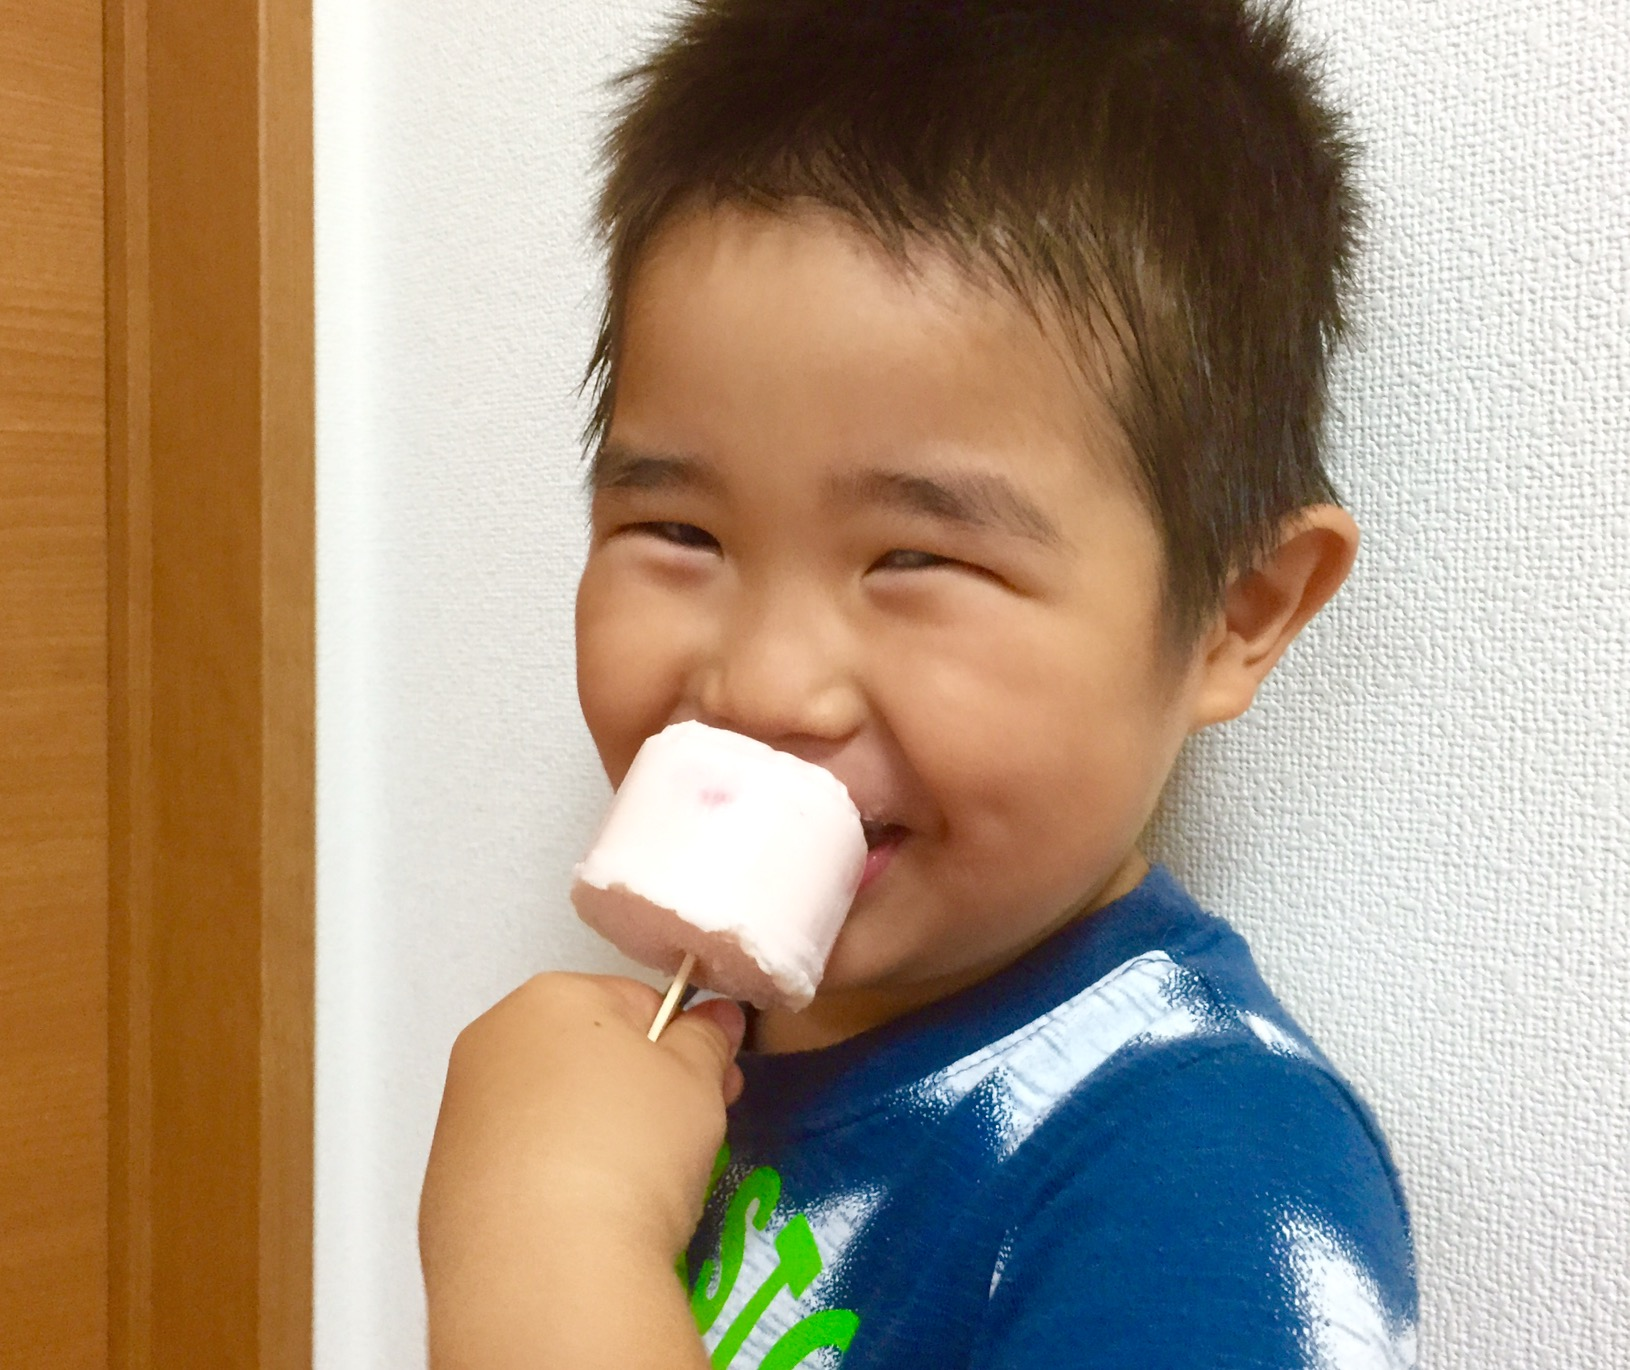 せんちゃん、アイスを食べてニコリ